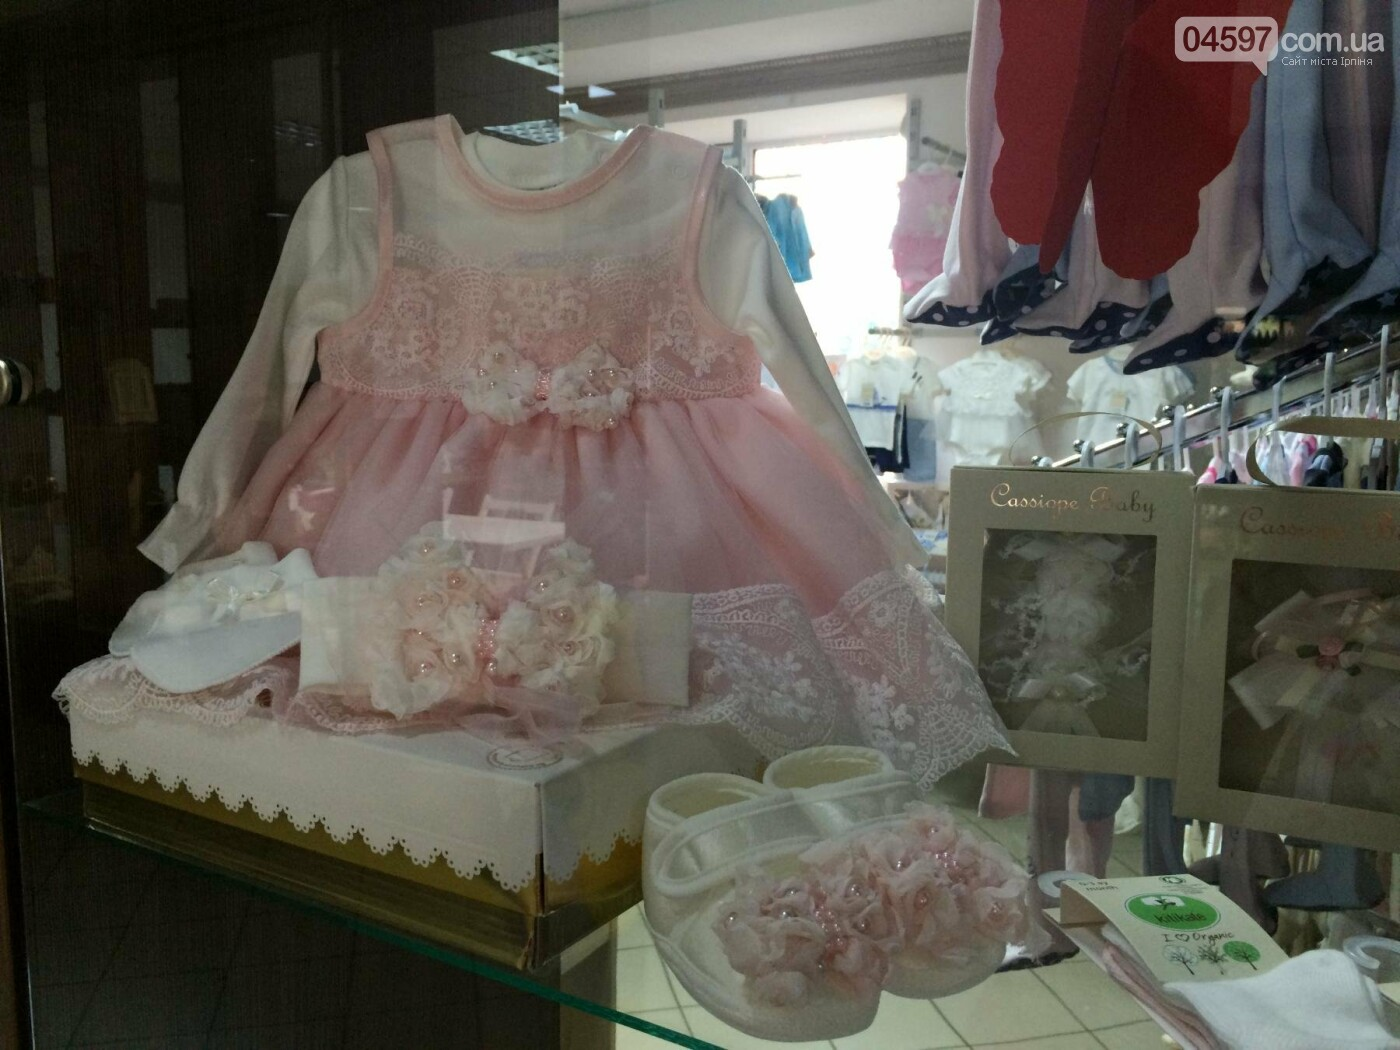 Де купити дитячий одяг в Ірпені: асортимент та ціни, фото-68